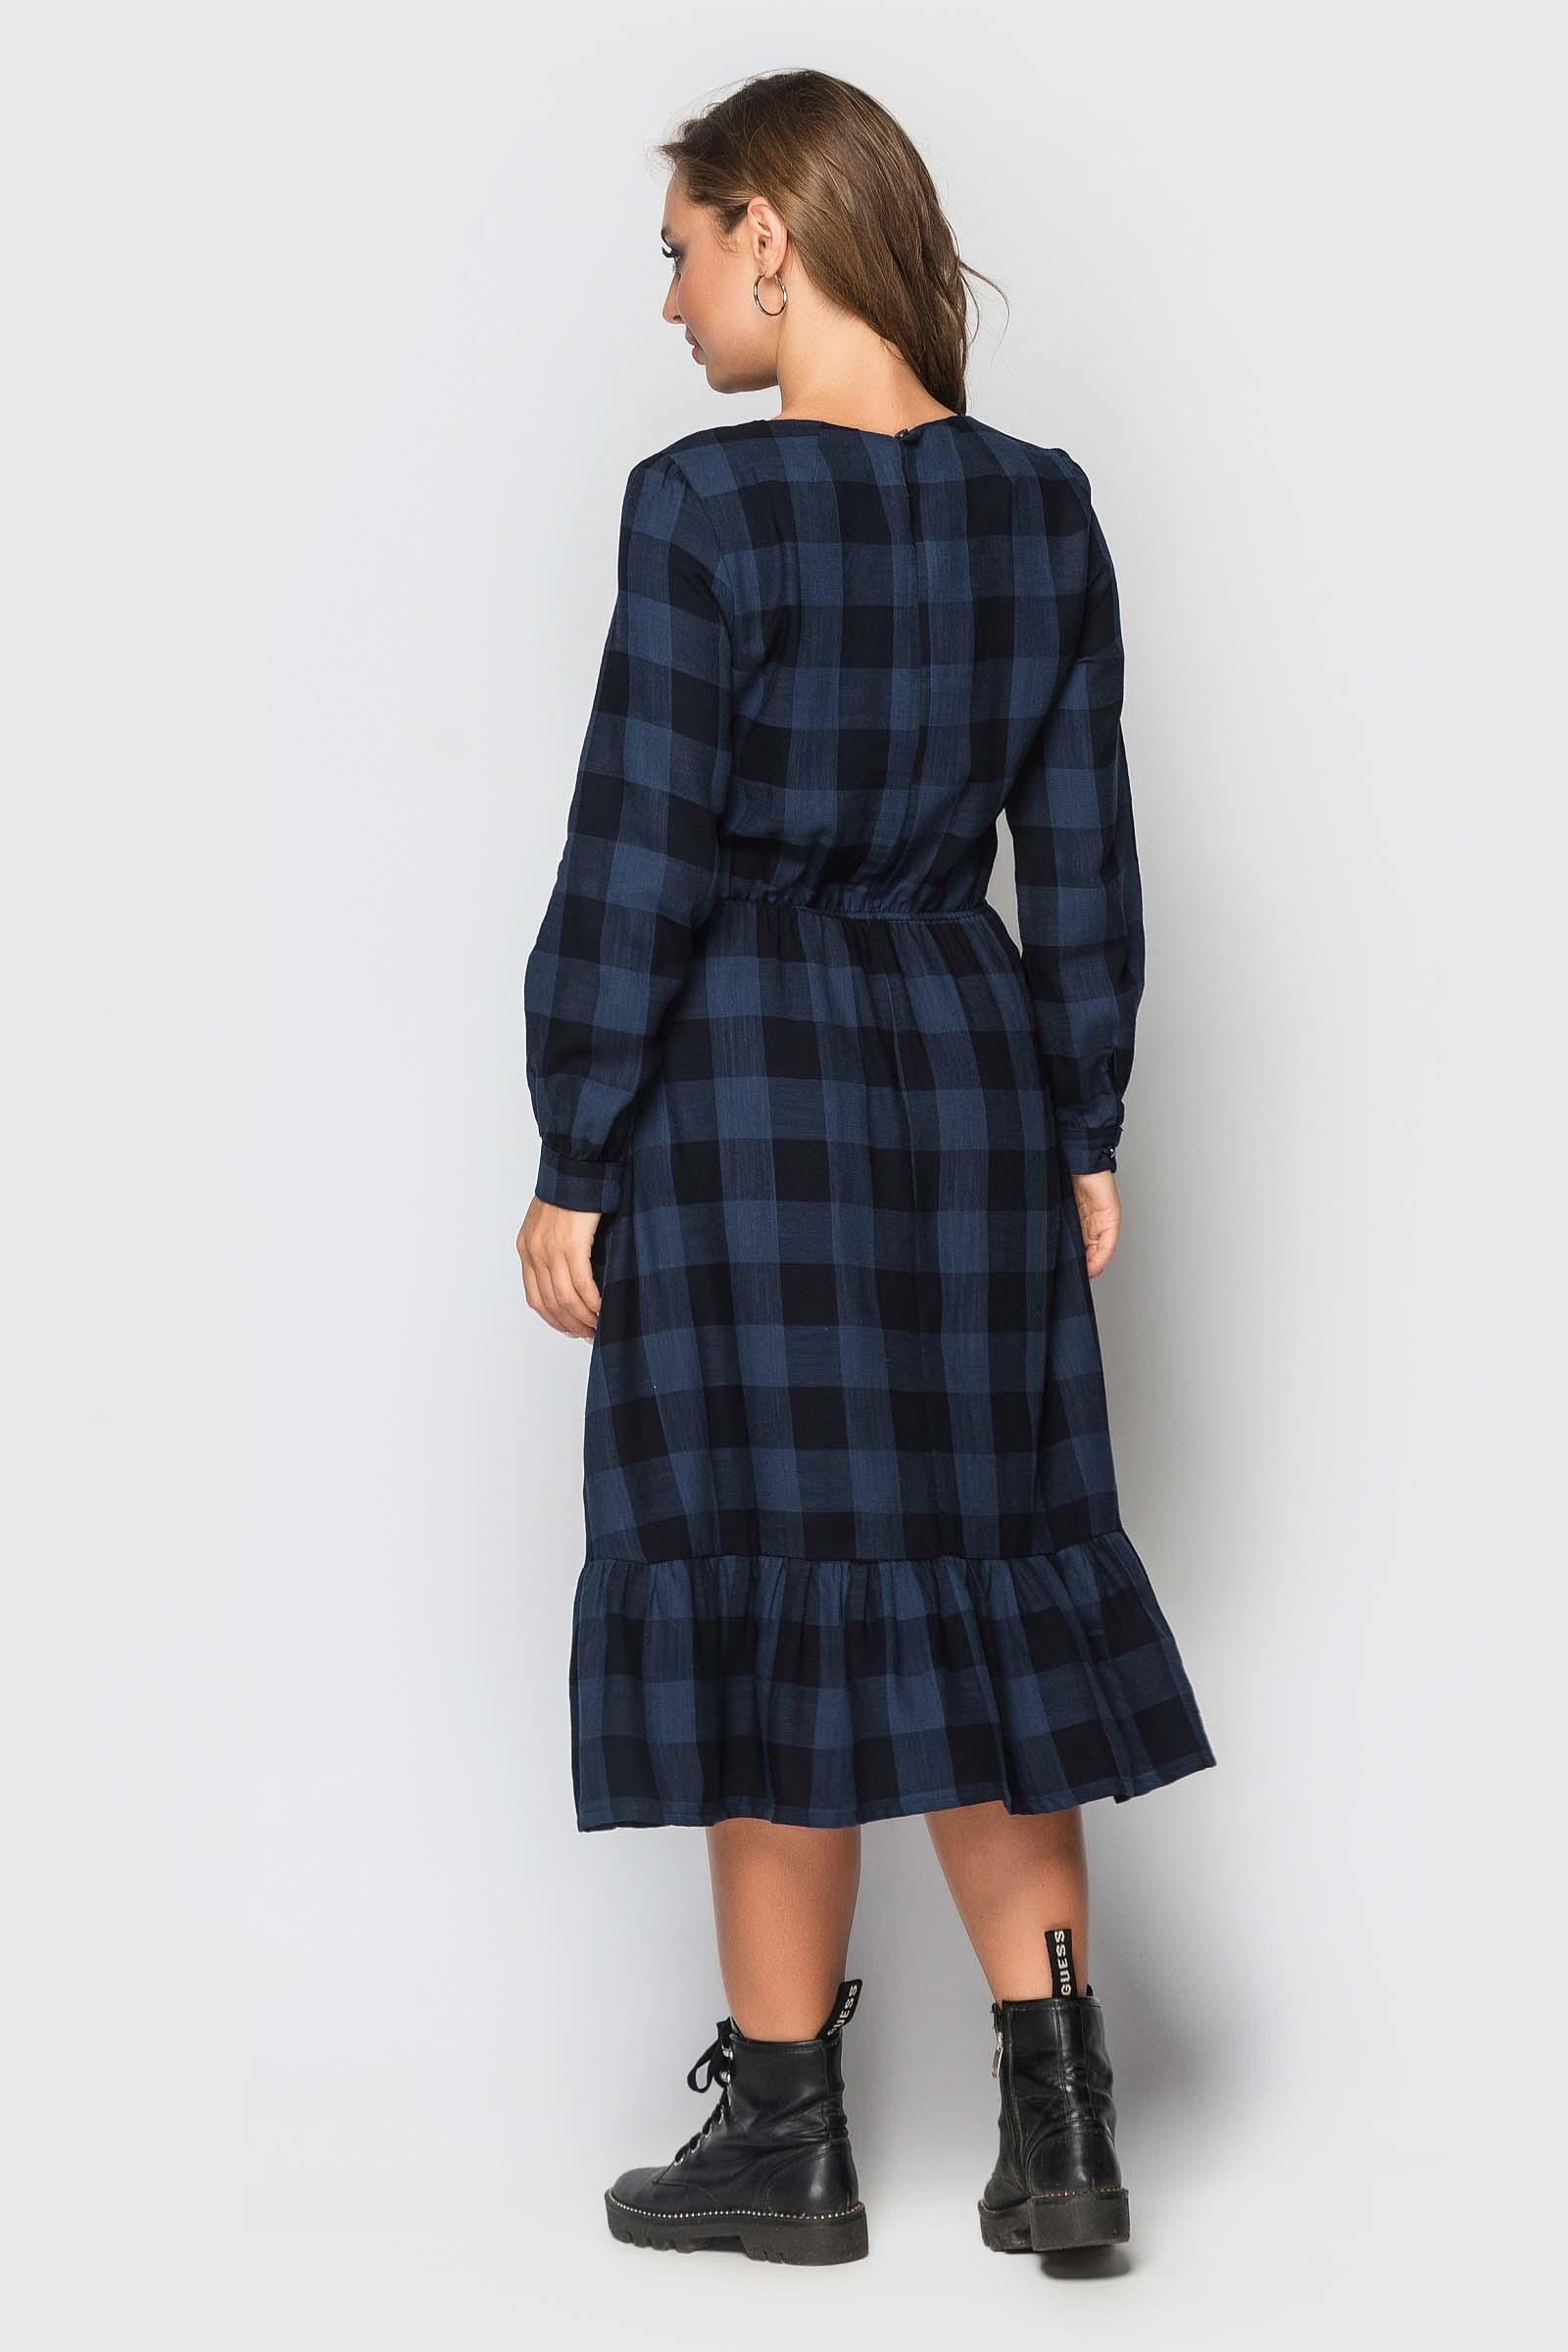 2020 01 23 338145 Купить платье